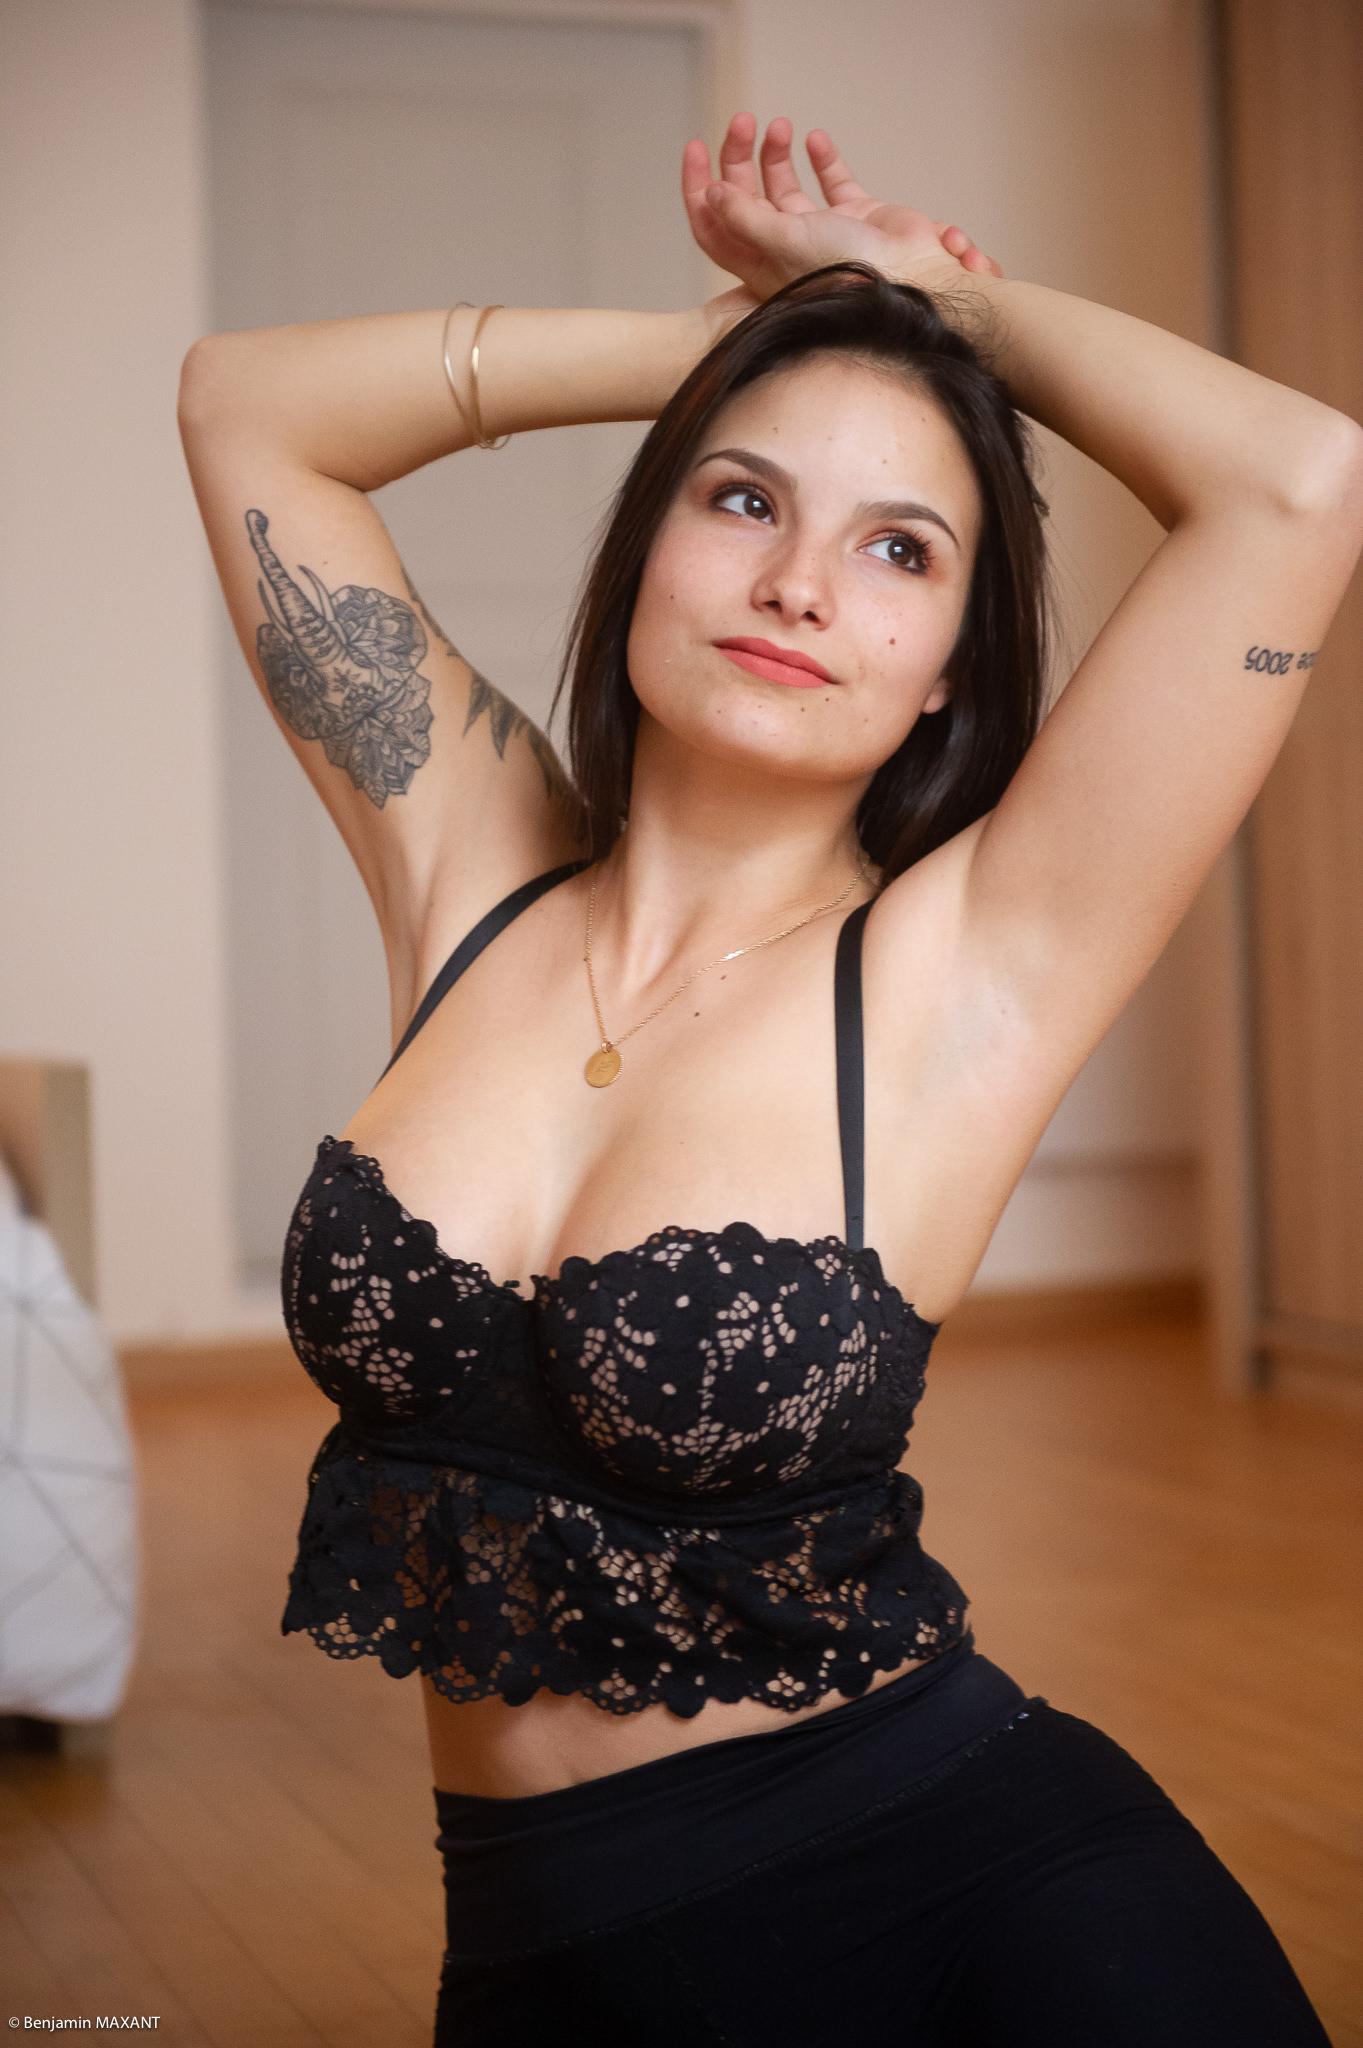 Séance photo boudoir au lingerie noire assise sur le parquet pose